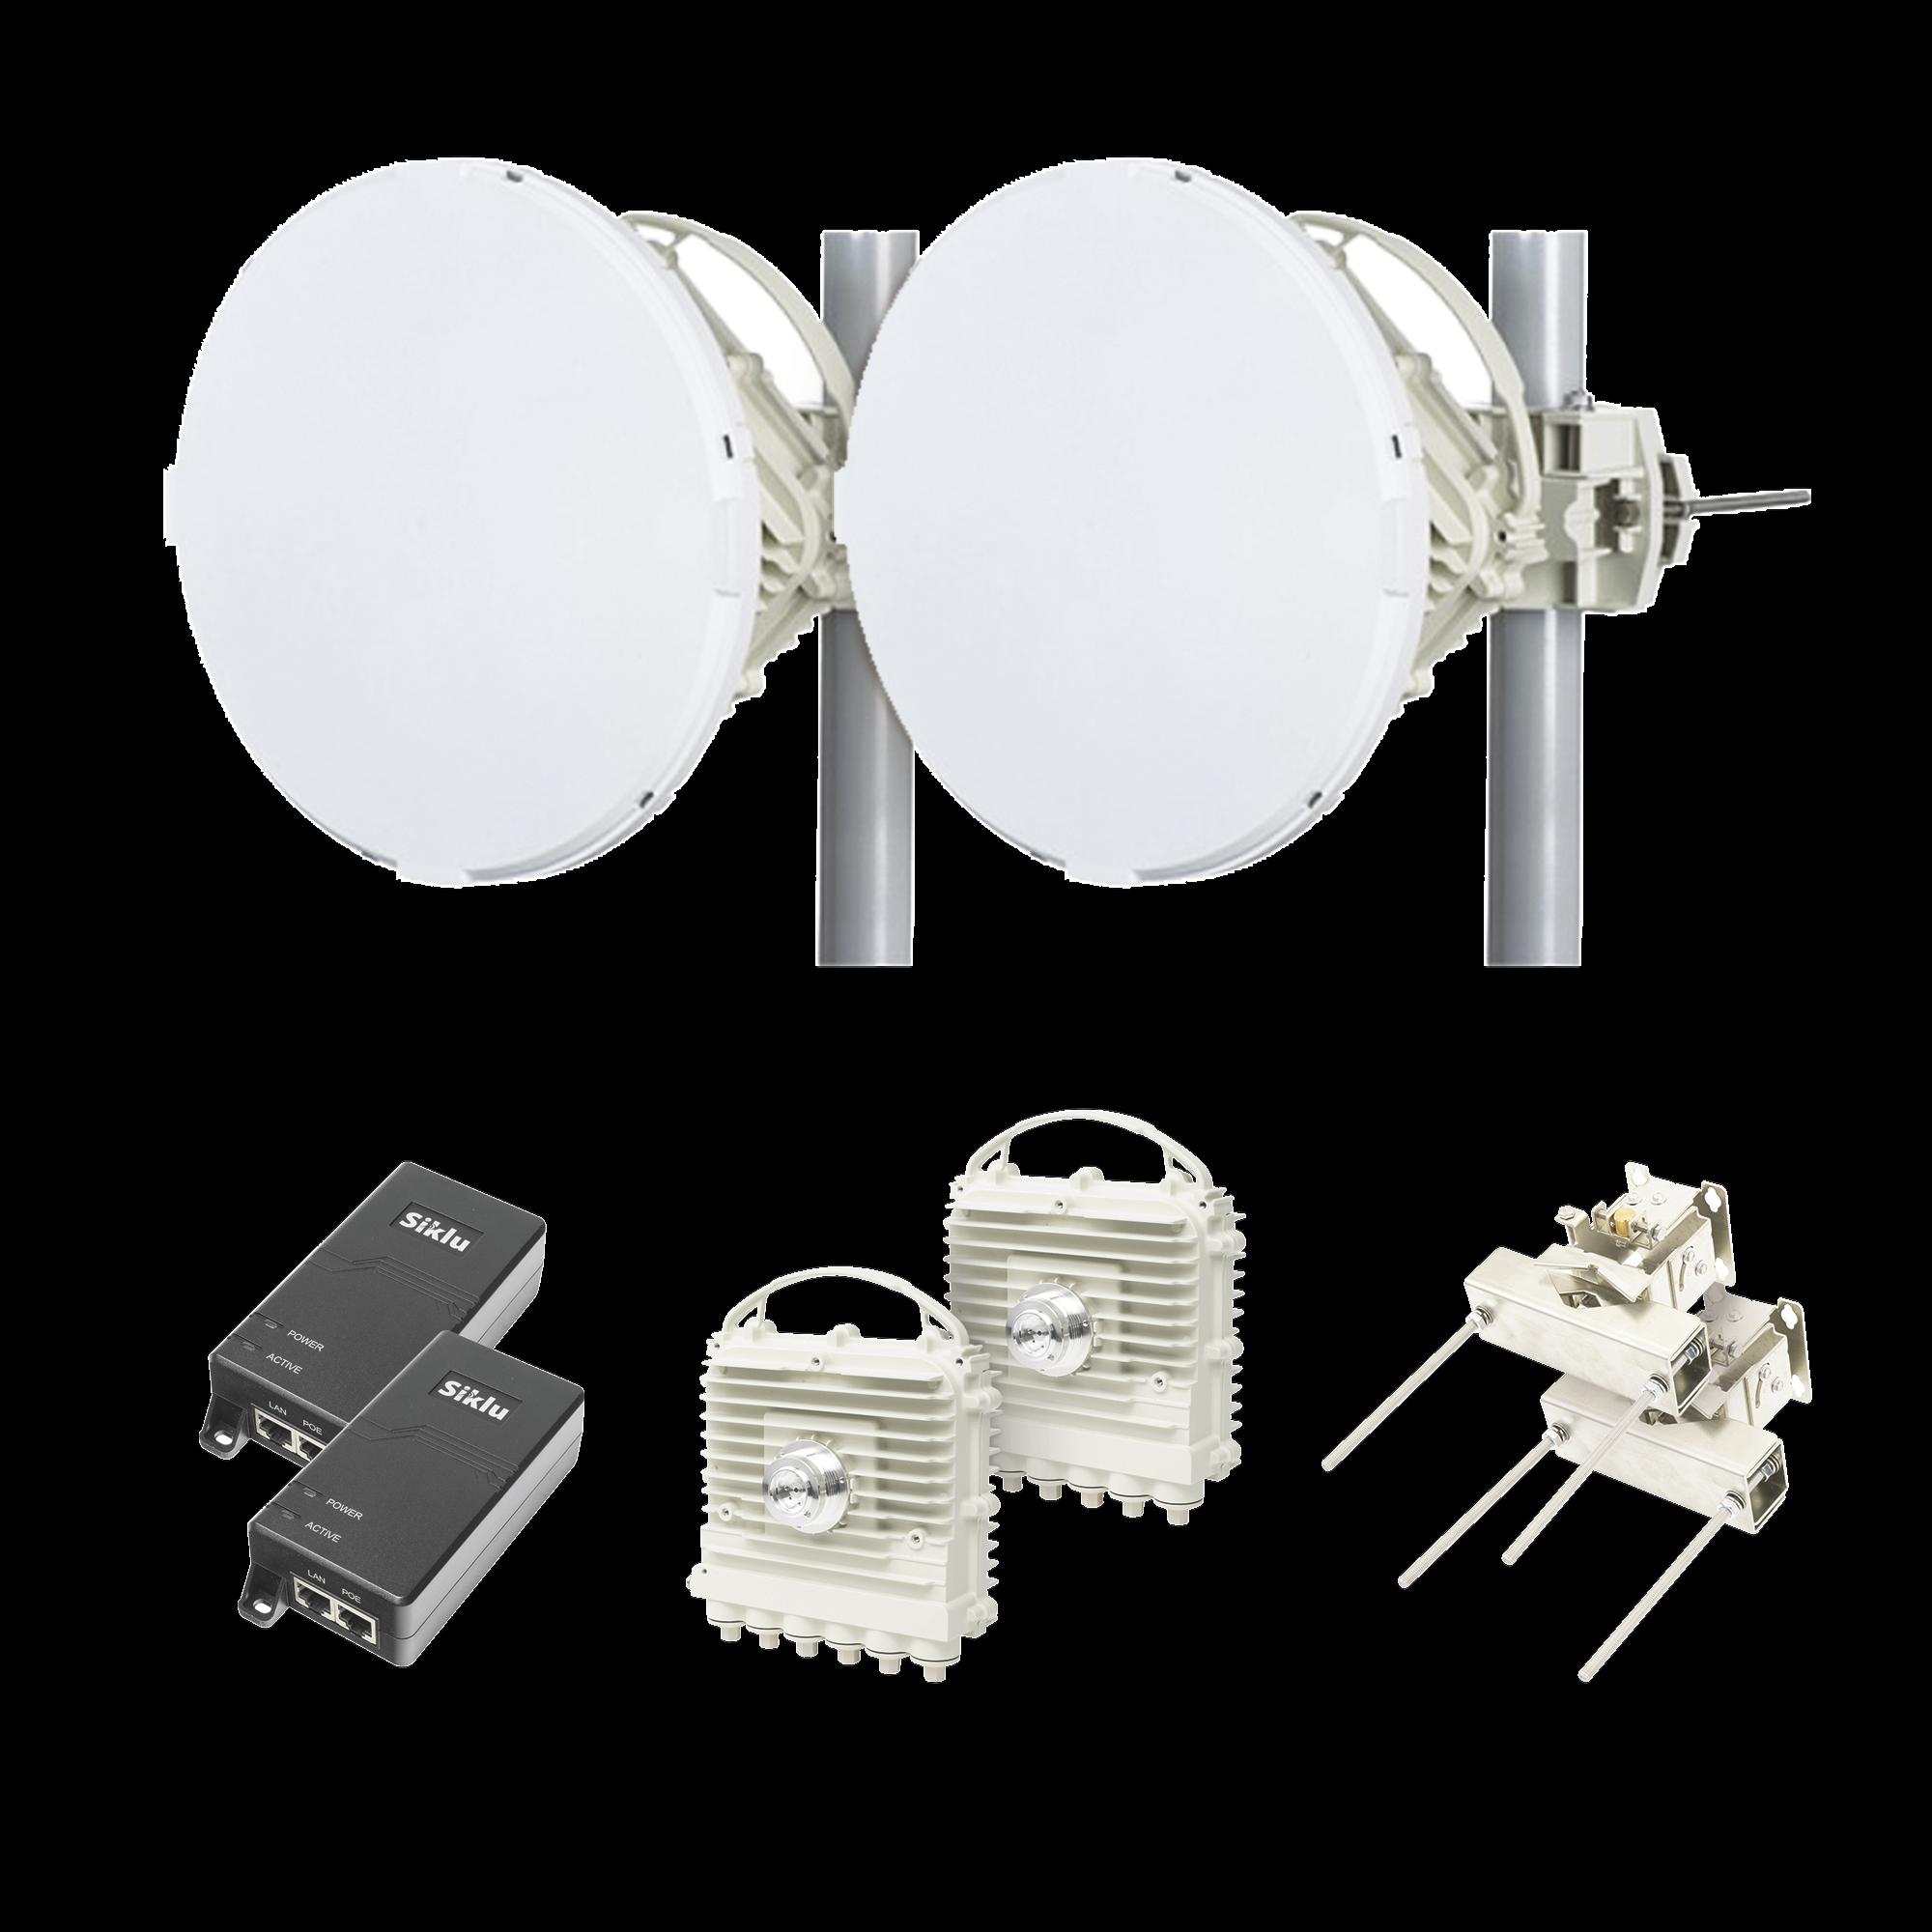 Enlace completo EH-2500-FX con  antenas de 1 pie / 1 Gbps Full Duplex (Actualizable a 2 Gbps) en Banda Libre